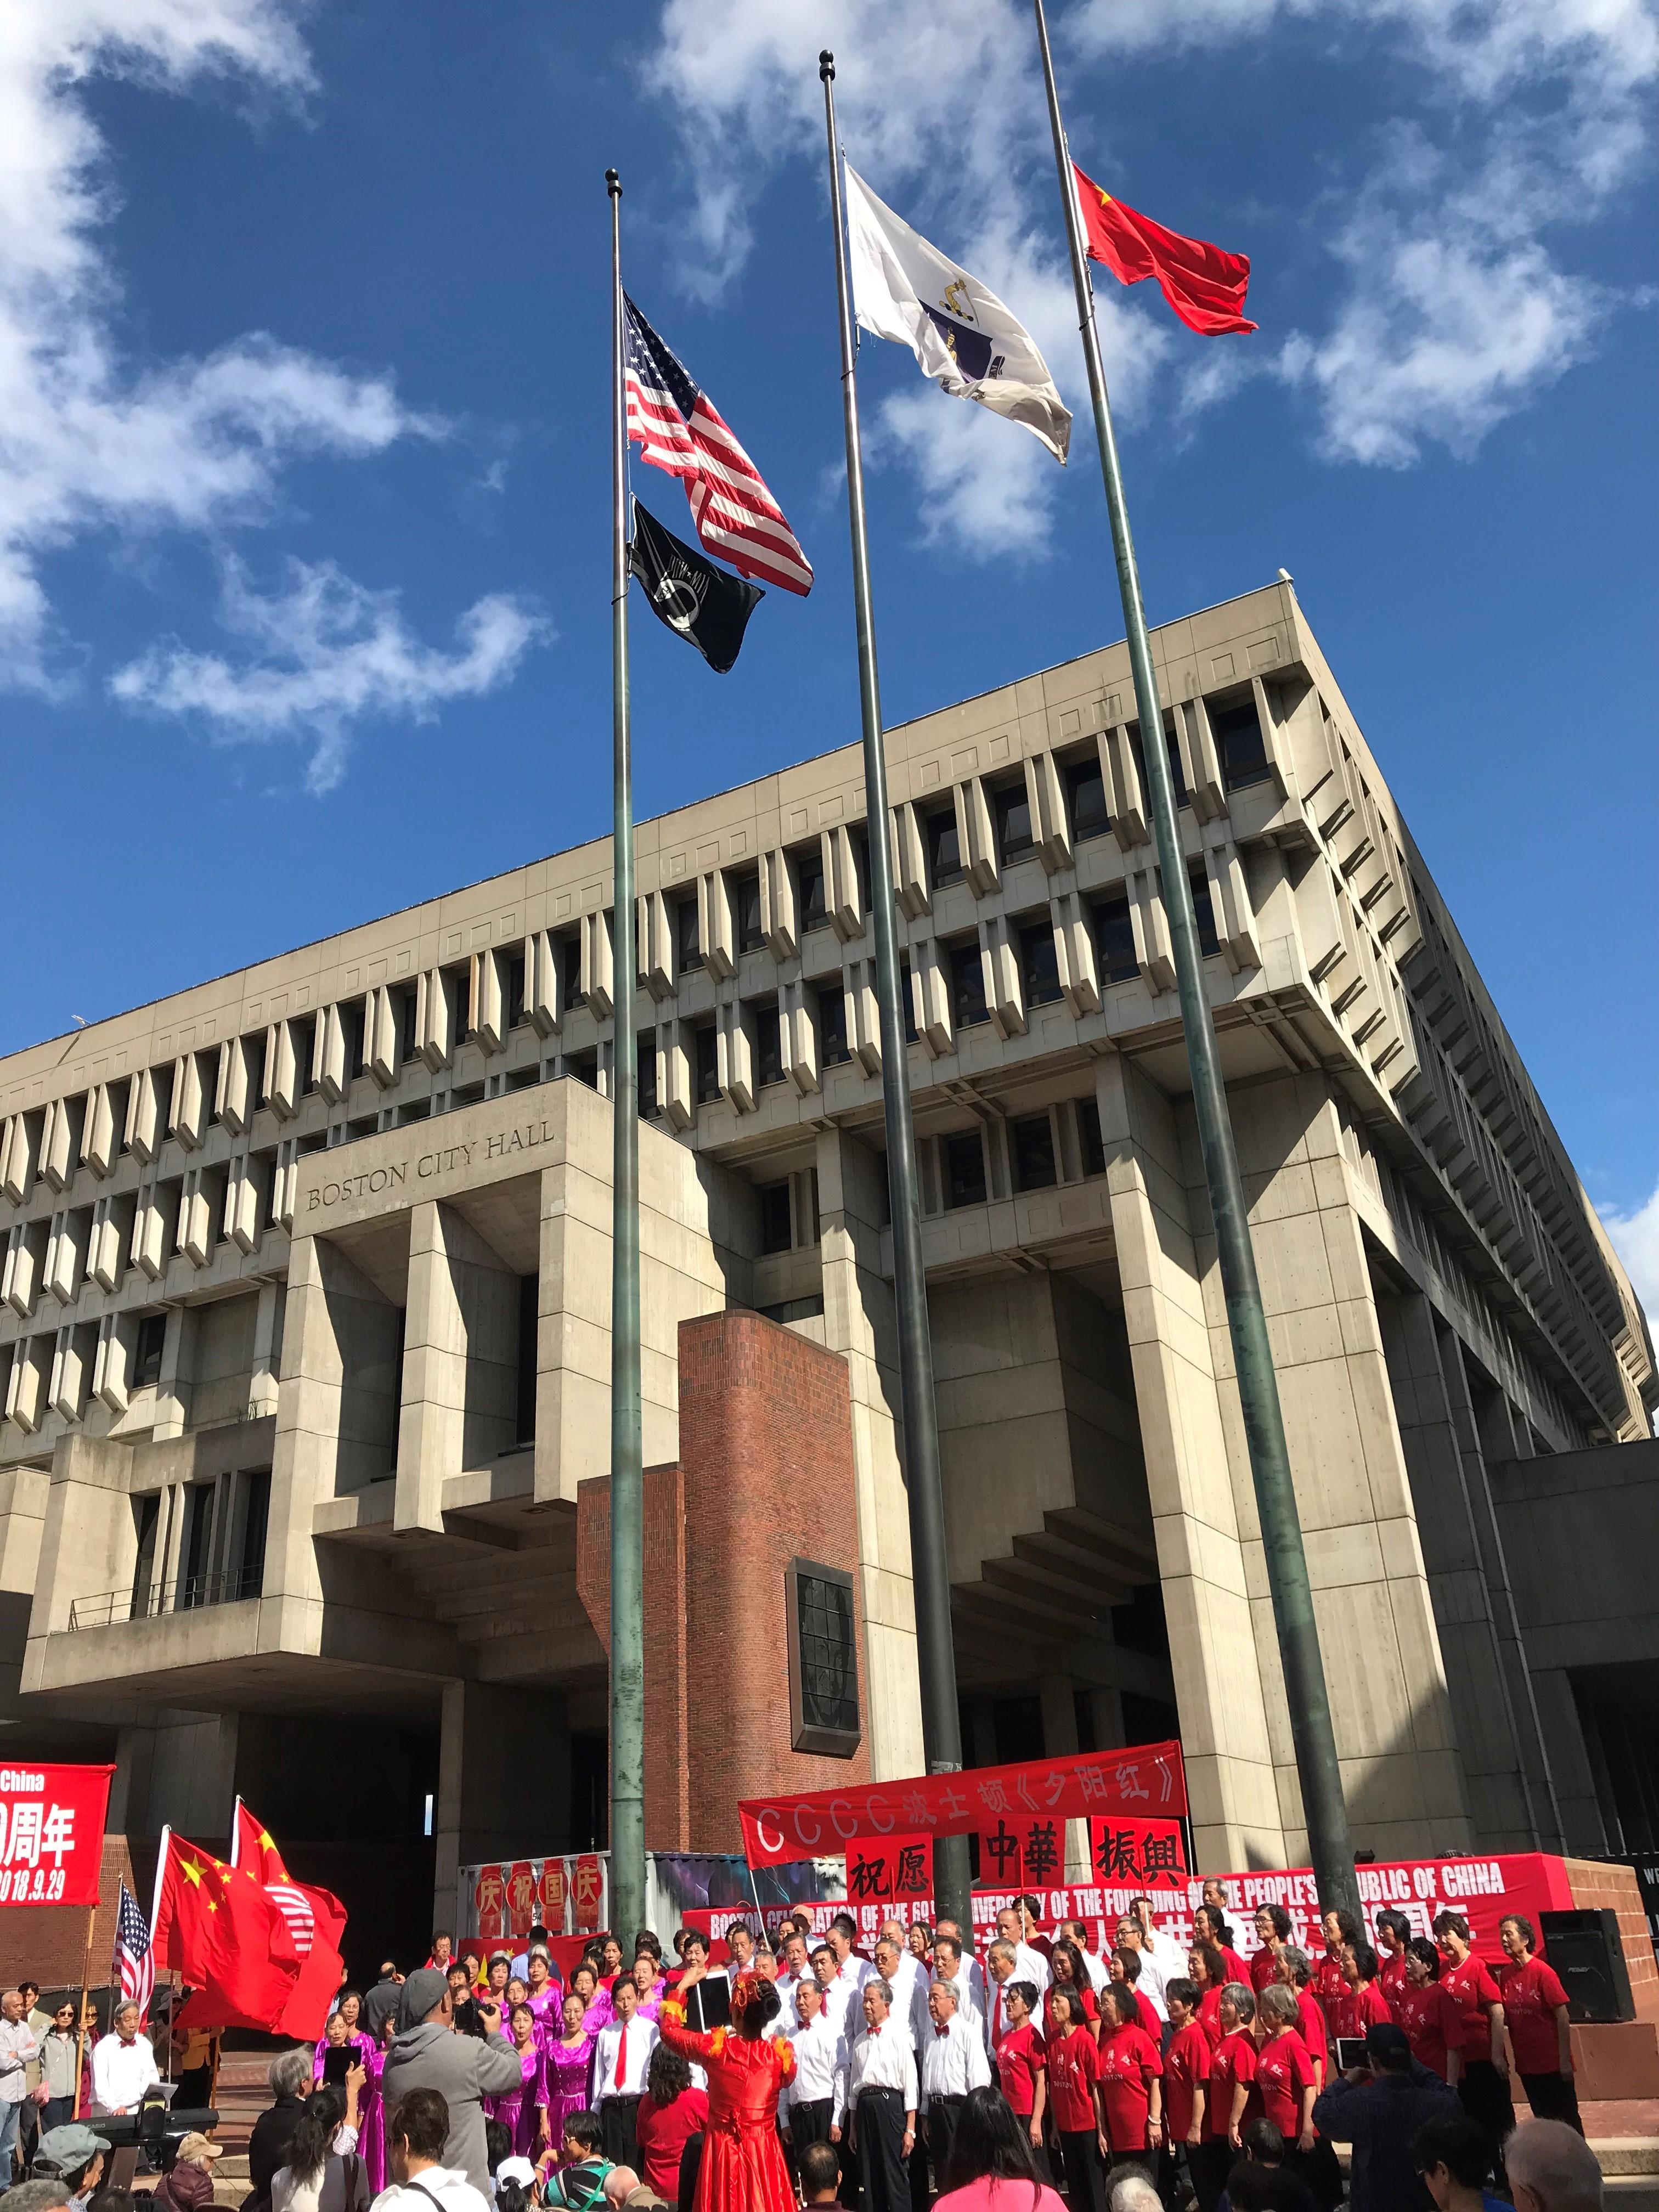 波士顿市府广场五星红旗高高飘扬  波士顿侨学各界热烈庆祝中国成立69周年